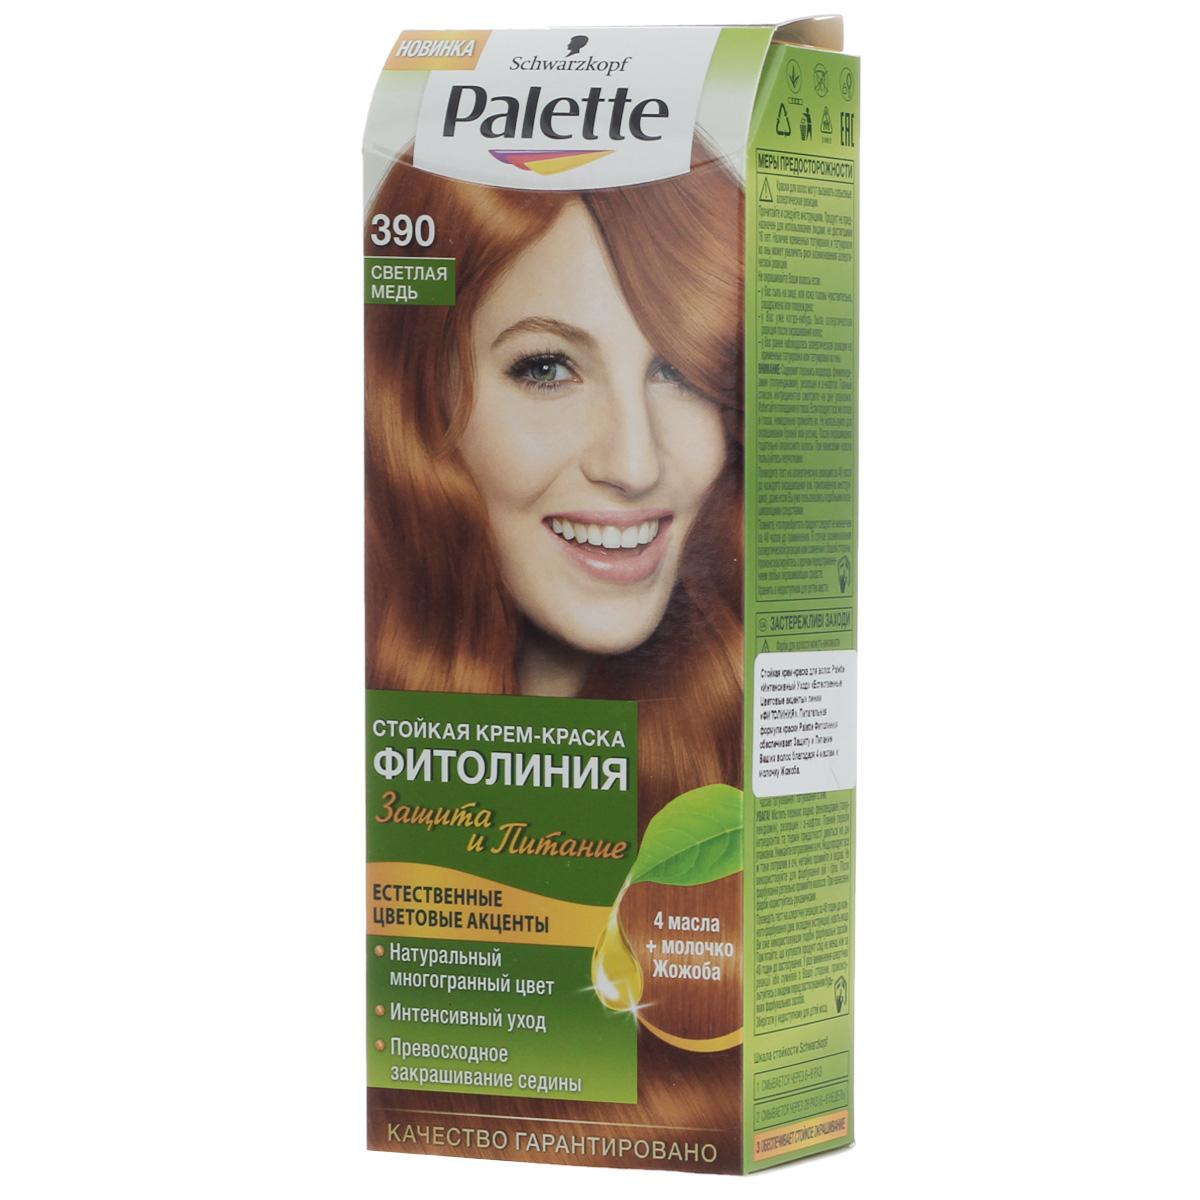 PALETTE Краска для волос ФИТОЛИНИЯ оттенок 390 Светлая медь, 110 мл9352530